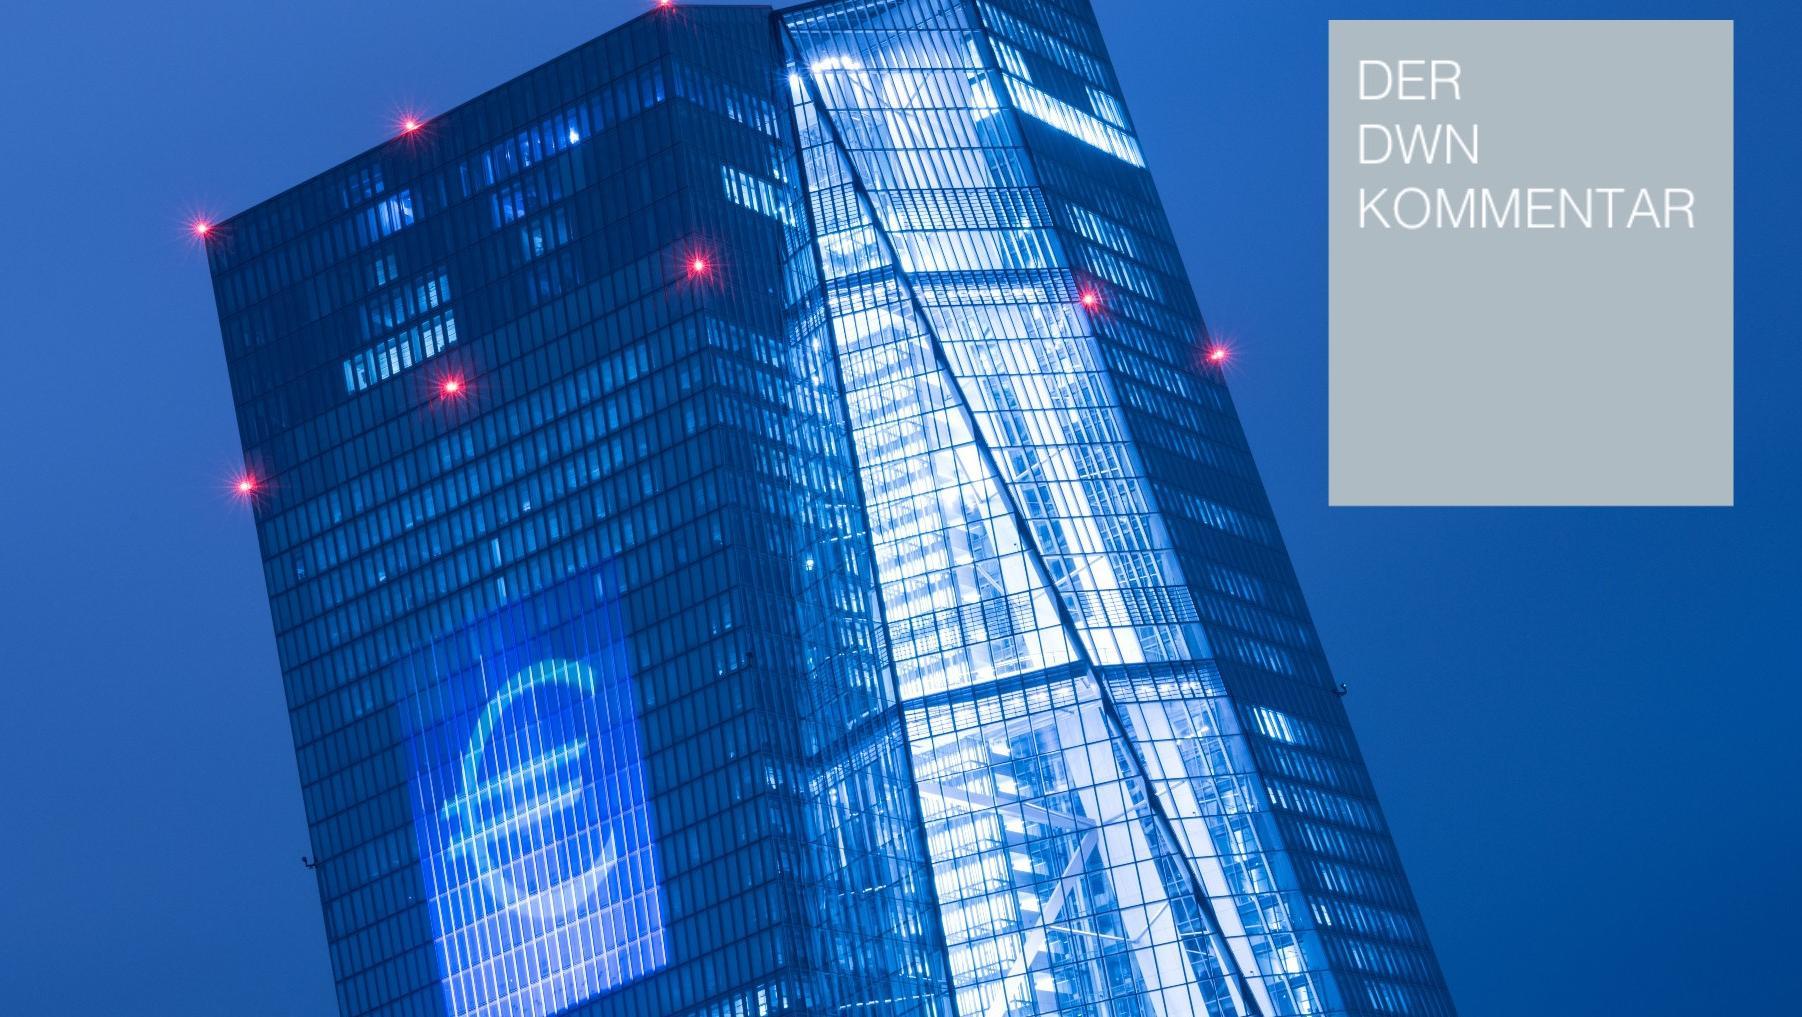 Wann werden die Zentralbanken endlich abgeschafft?